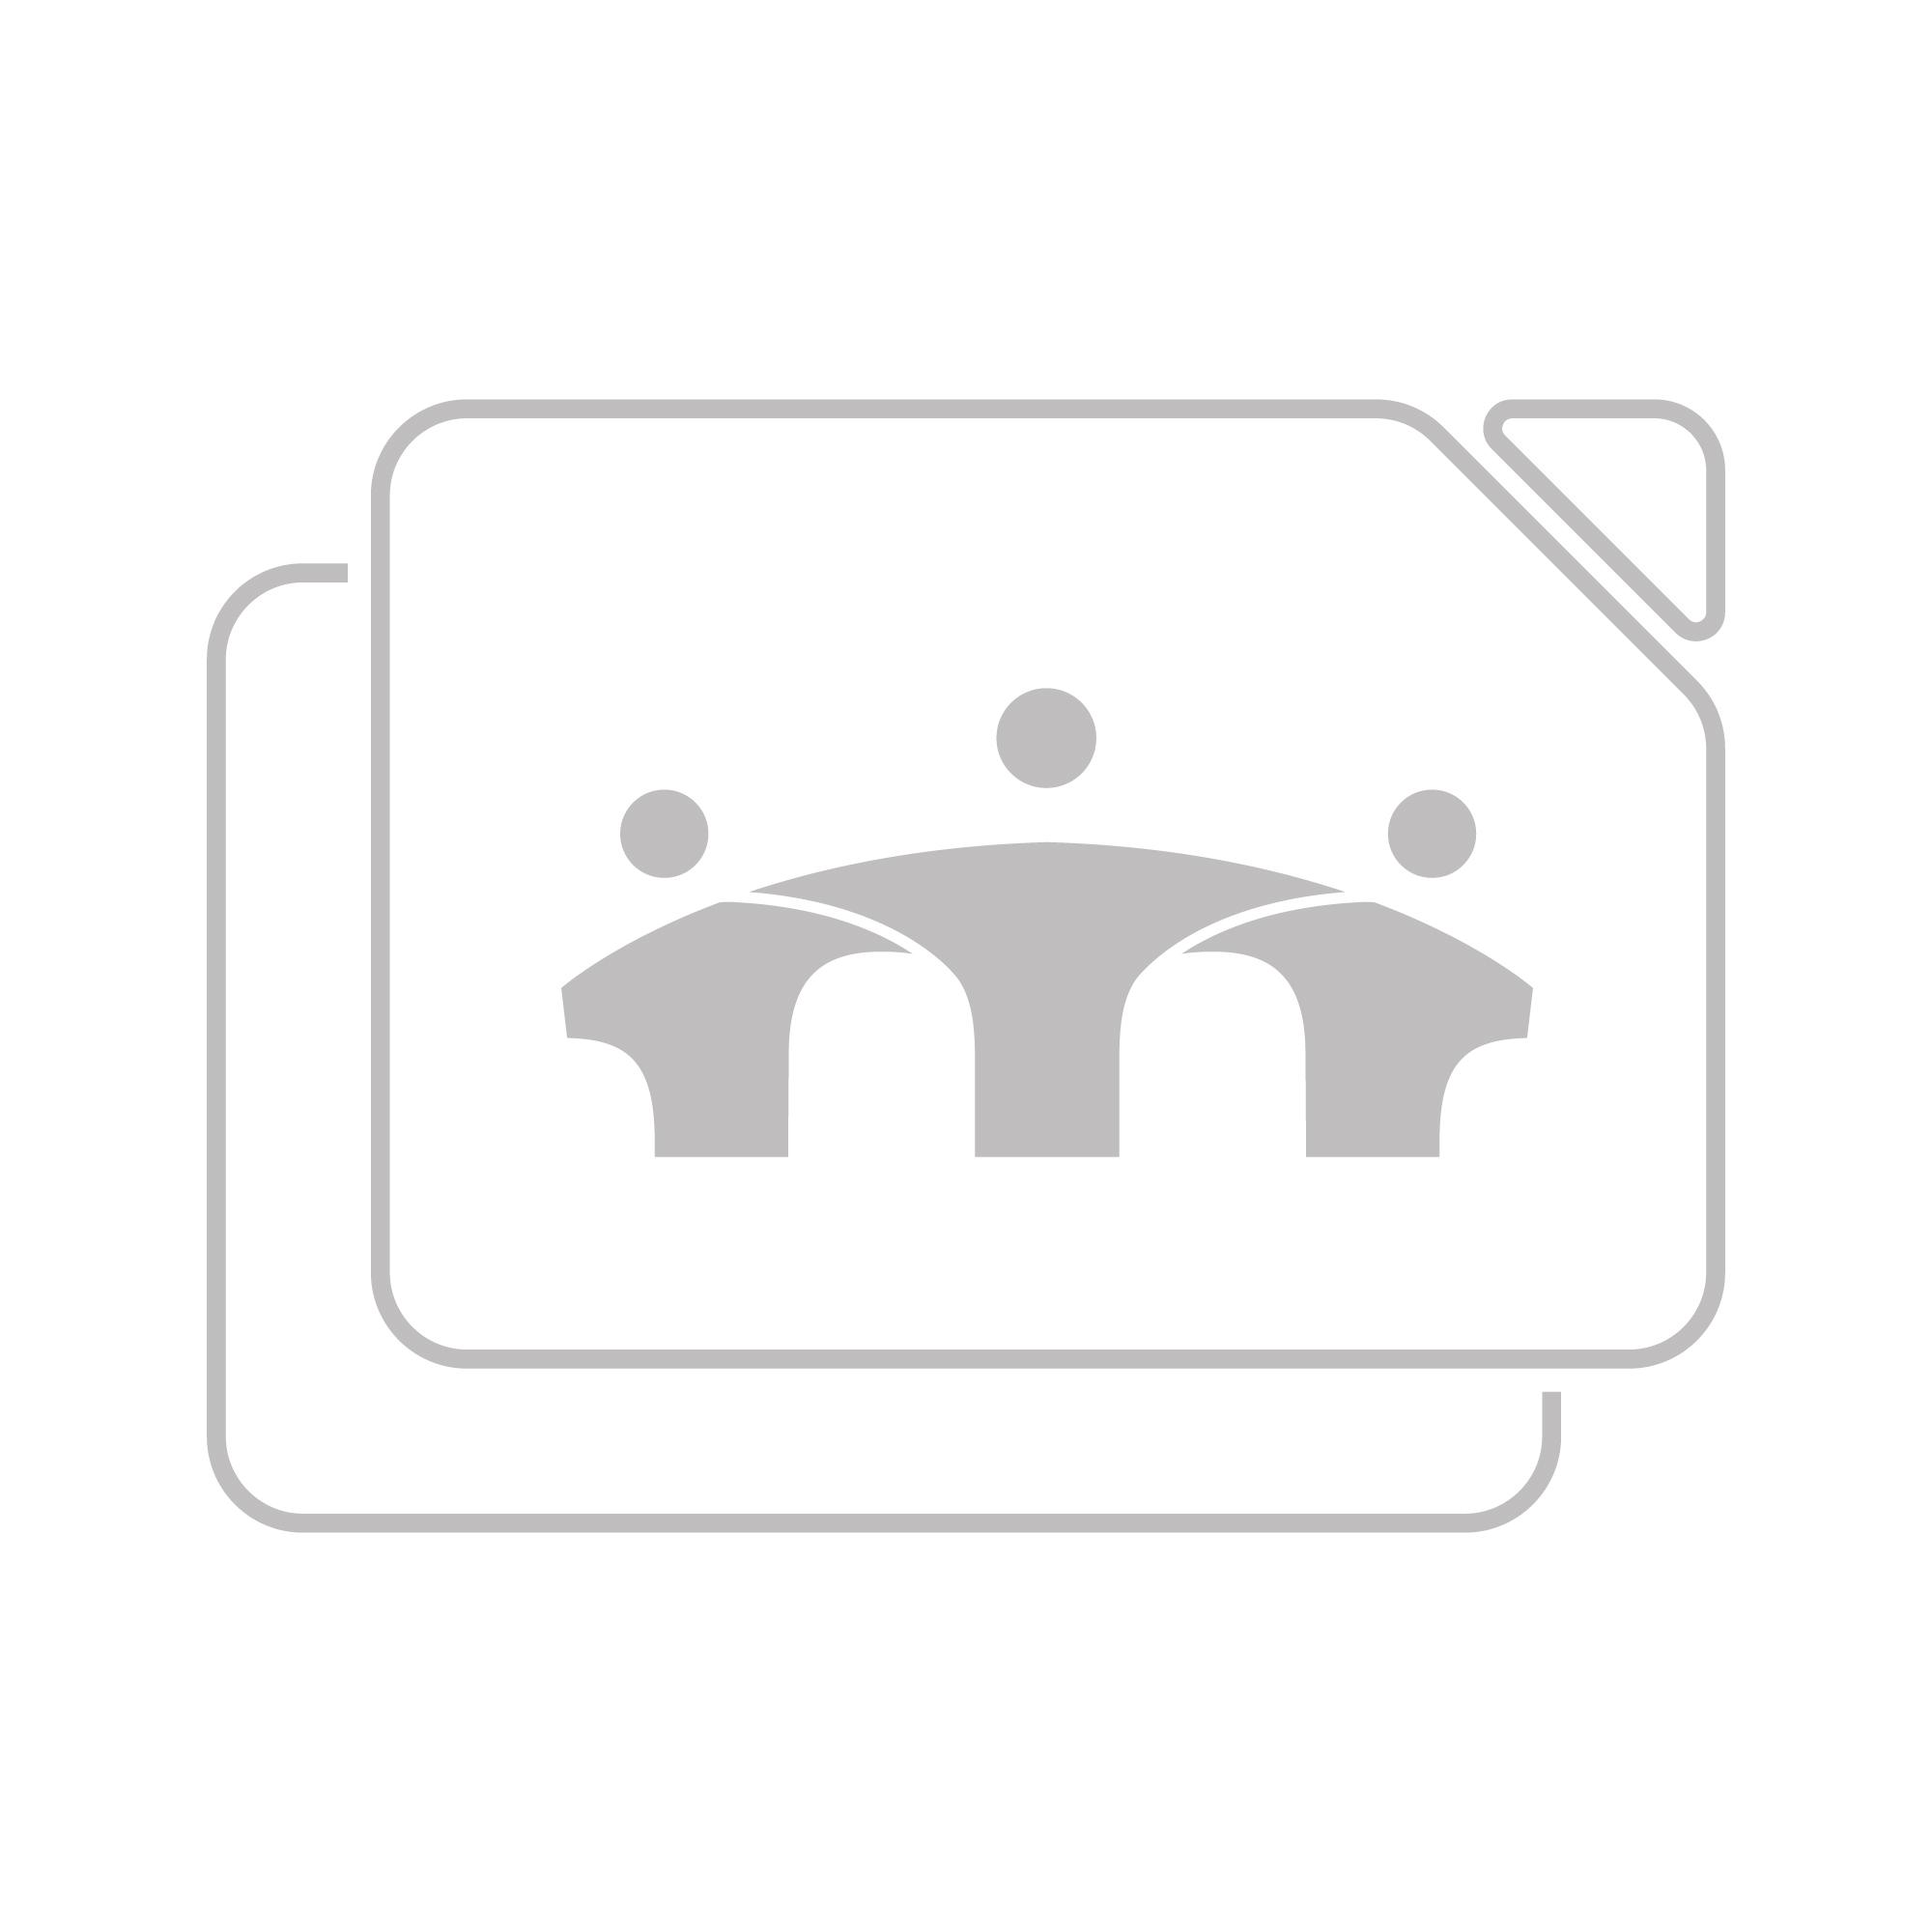 AMD Ryzen 7 5700G - 4.6GHz (Retail)